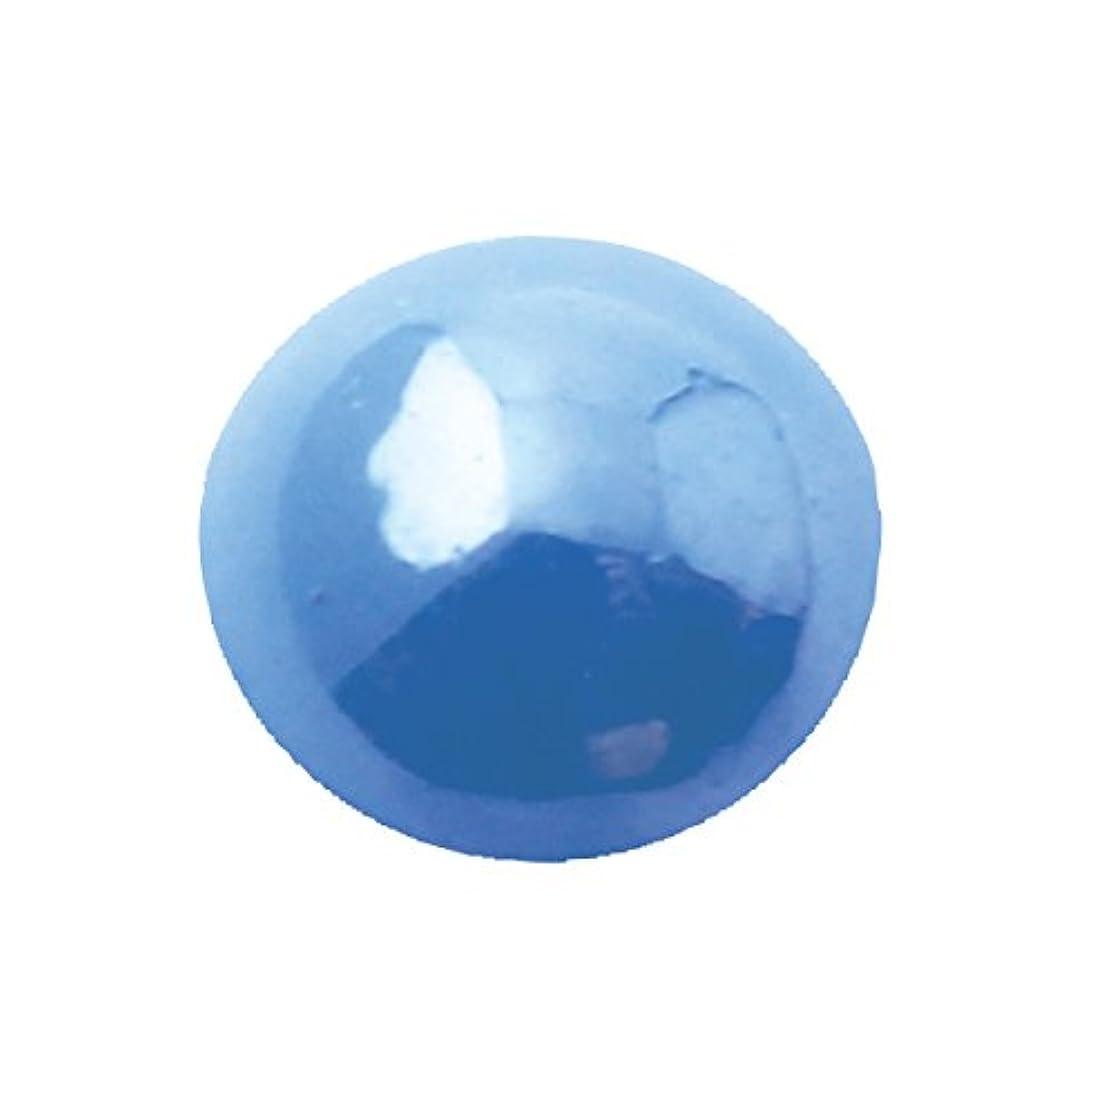 地上でイブゴミ箱を空にするグラスパールラウンド 5mm(各30個) ブルー